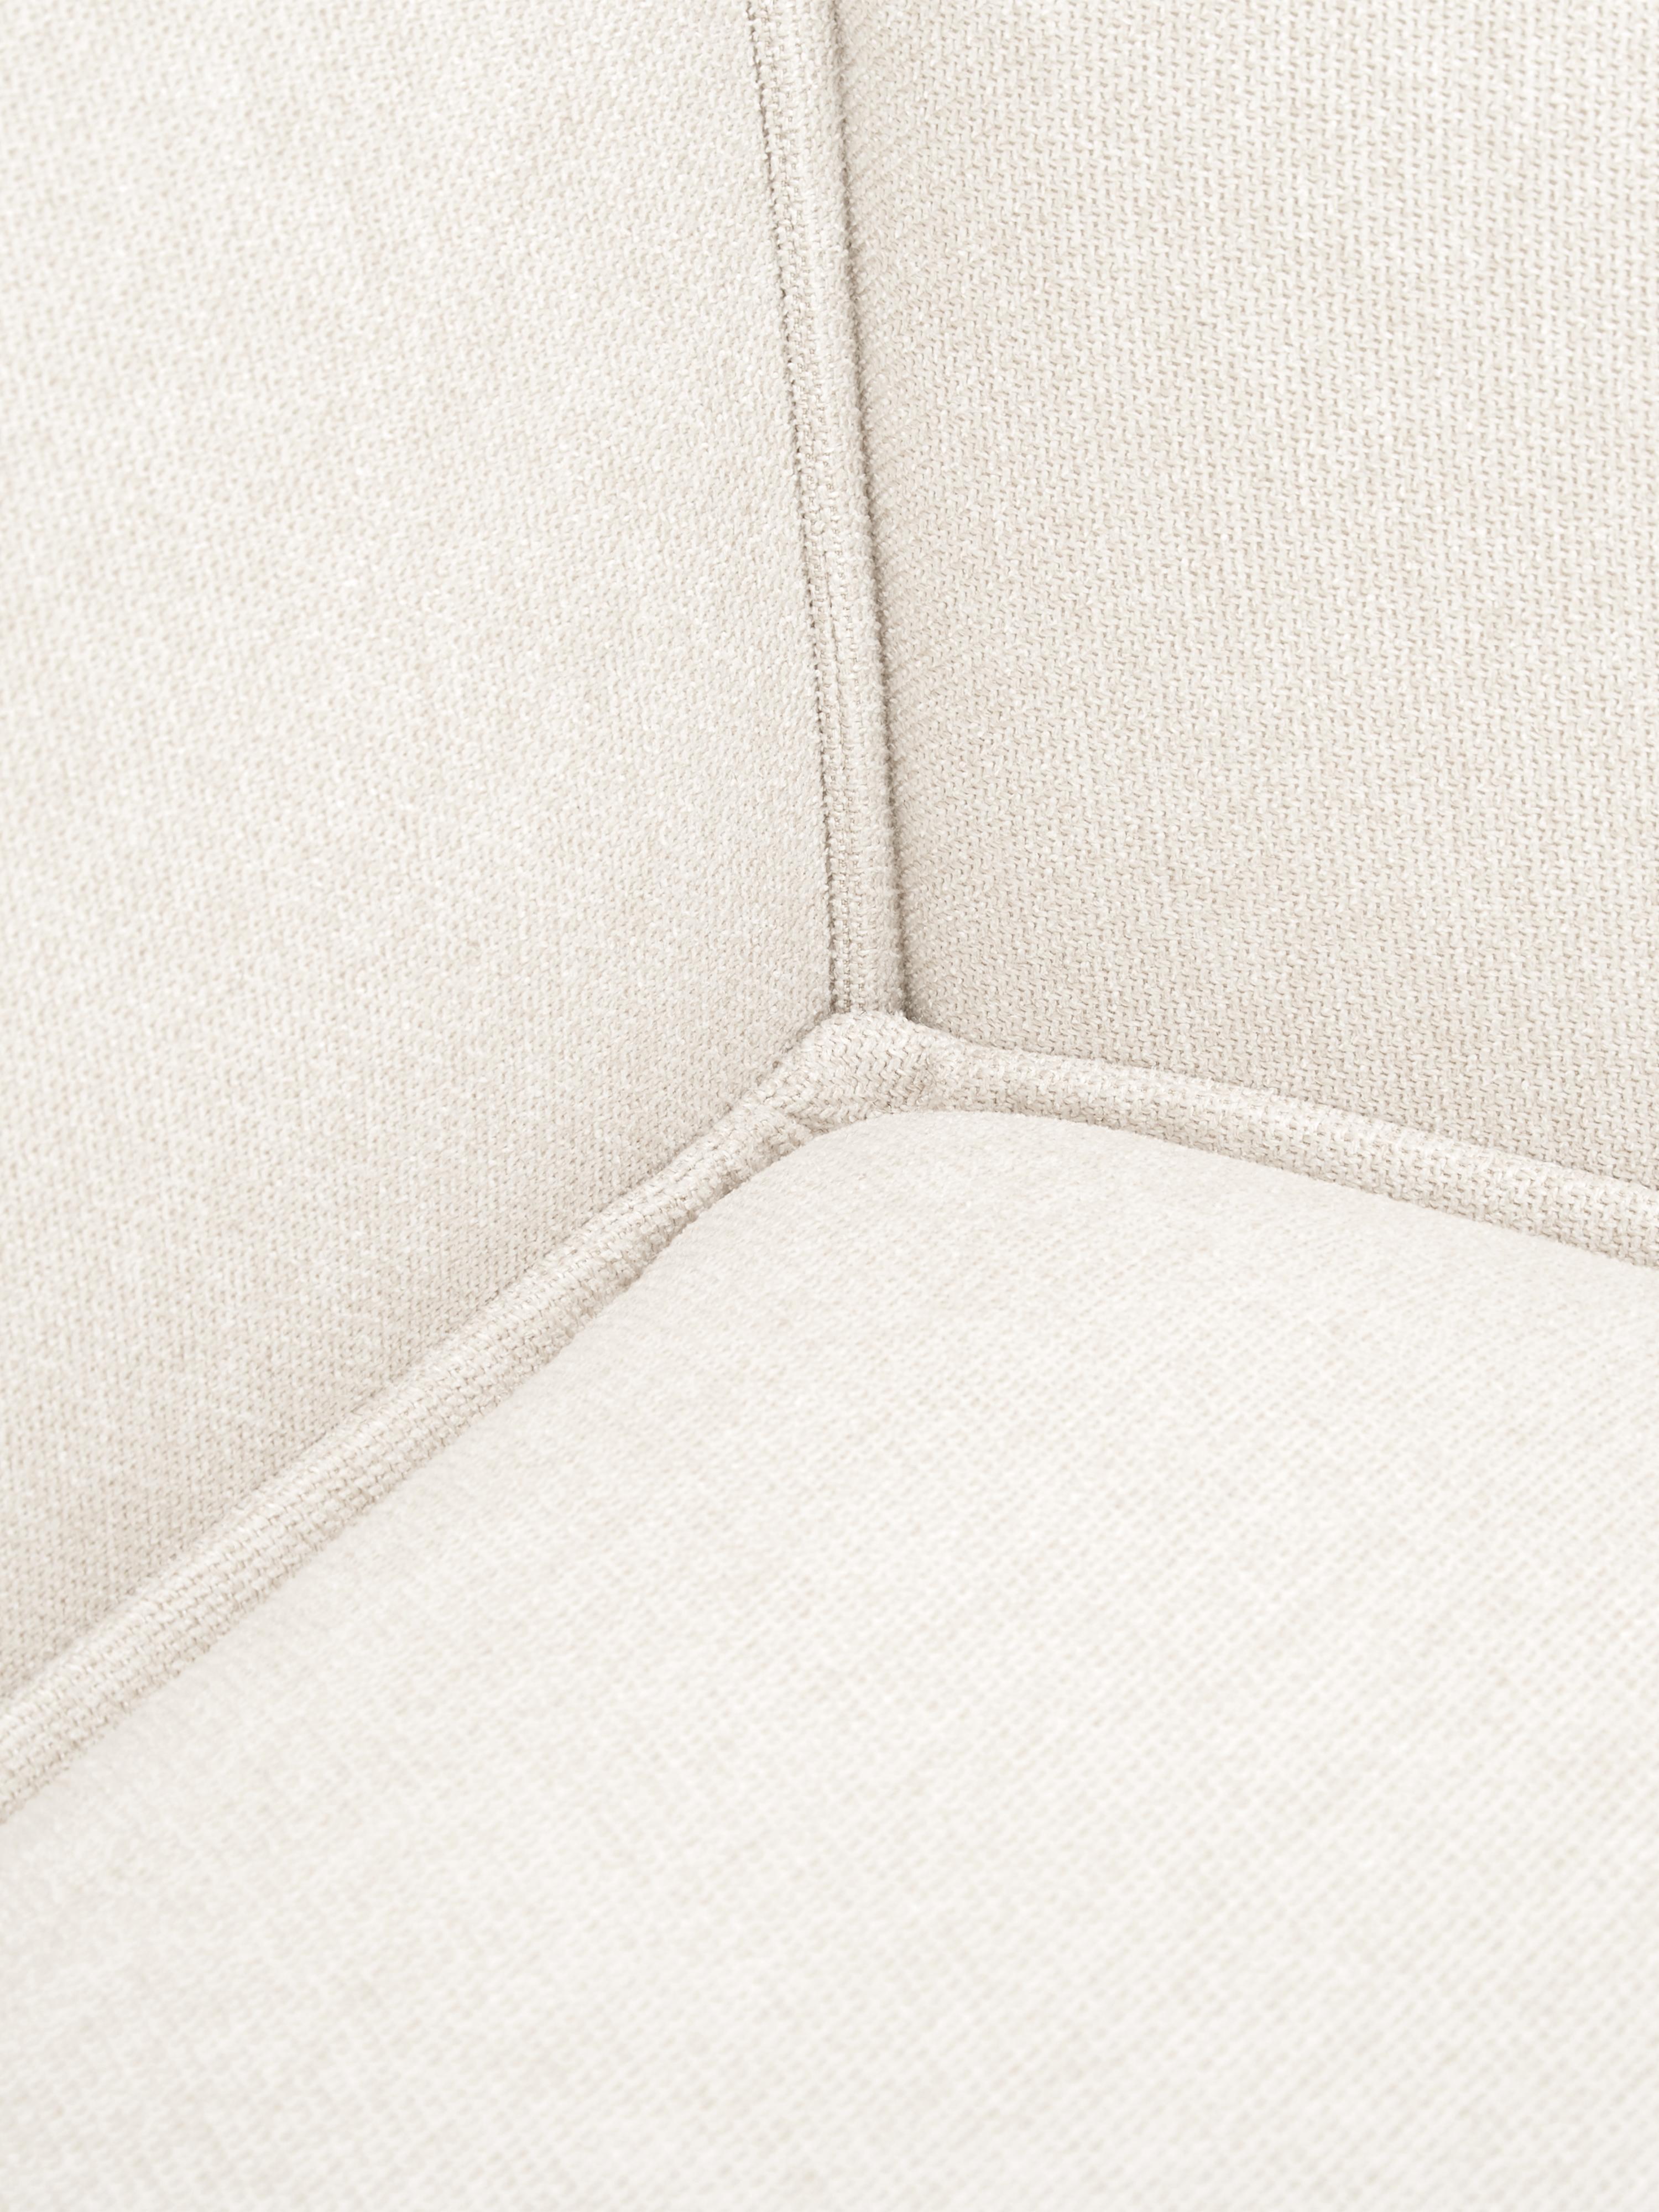 Divano componibile in tessuto beige Lennon, Rivestimento: poliestere 35.000 cicli d, Struttura: legno di pino massiccio, , Piedini: materiale sintetico, Tessuto beige, Larg. 269 x Prof. 119 cm